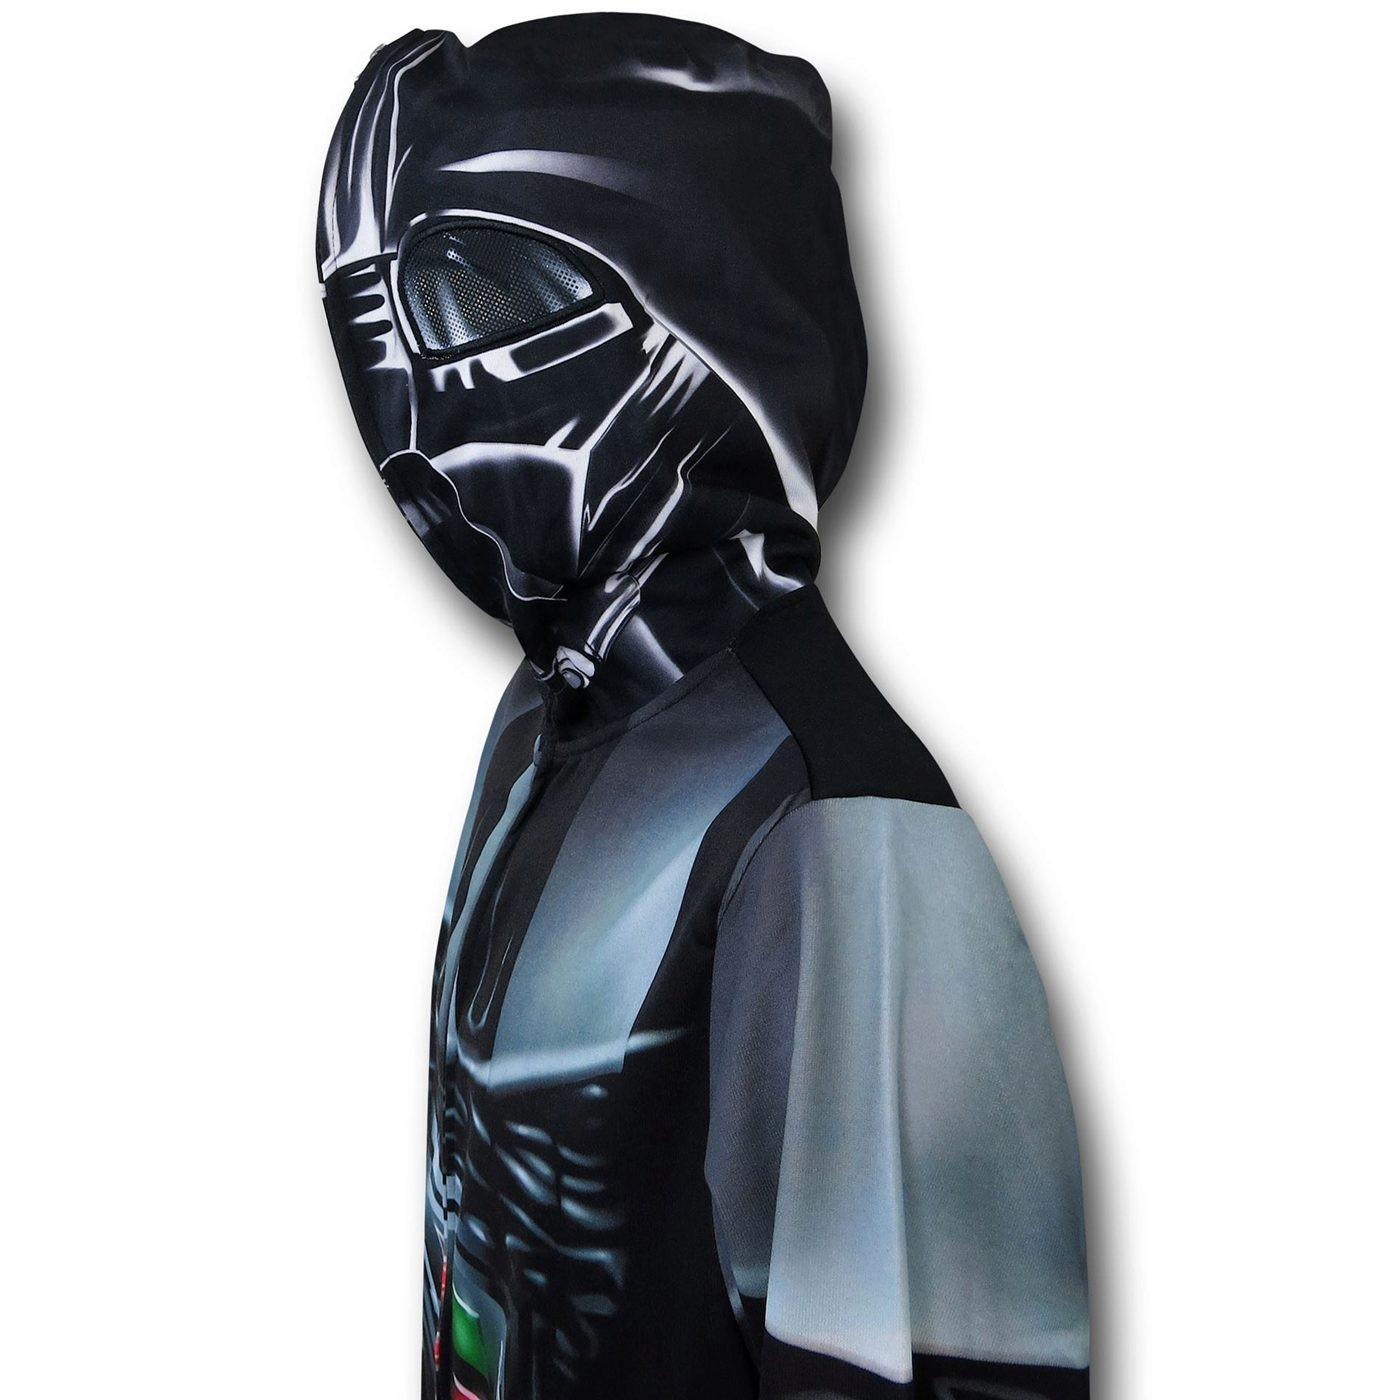 Star Wars Darth Vader Lightweight Costume Hoodie